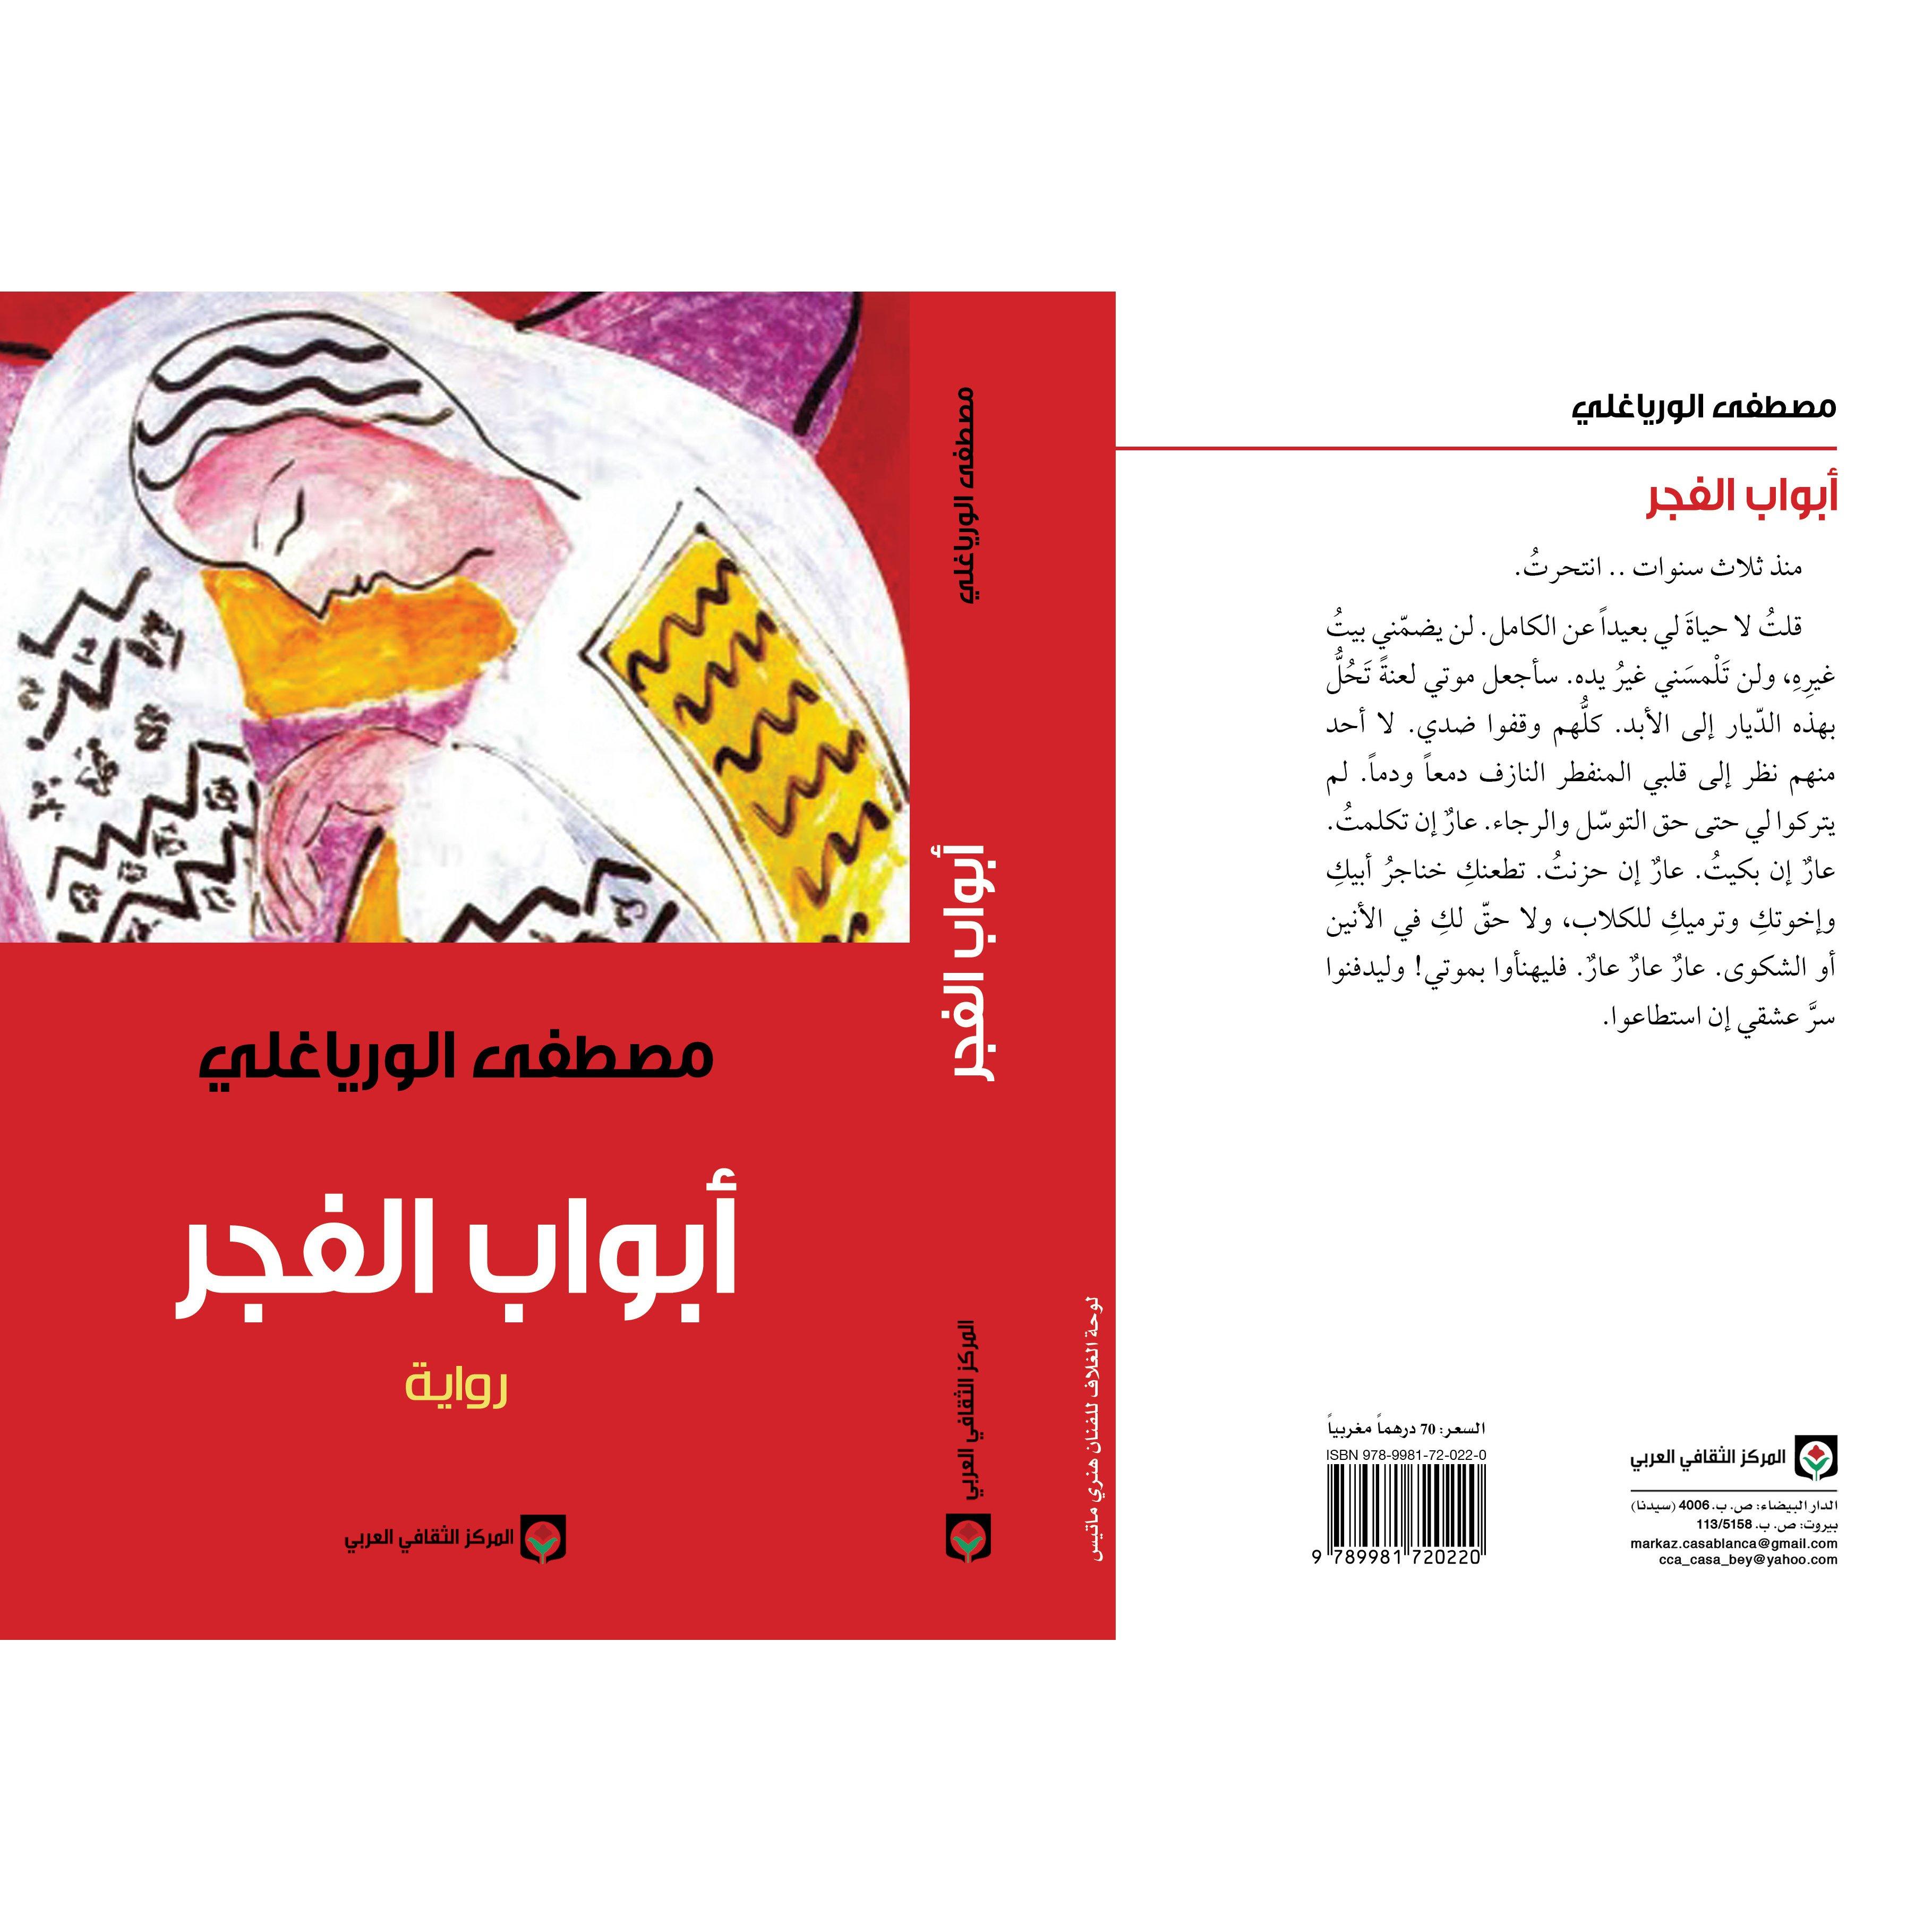 Abwab al-Fajir